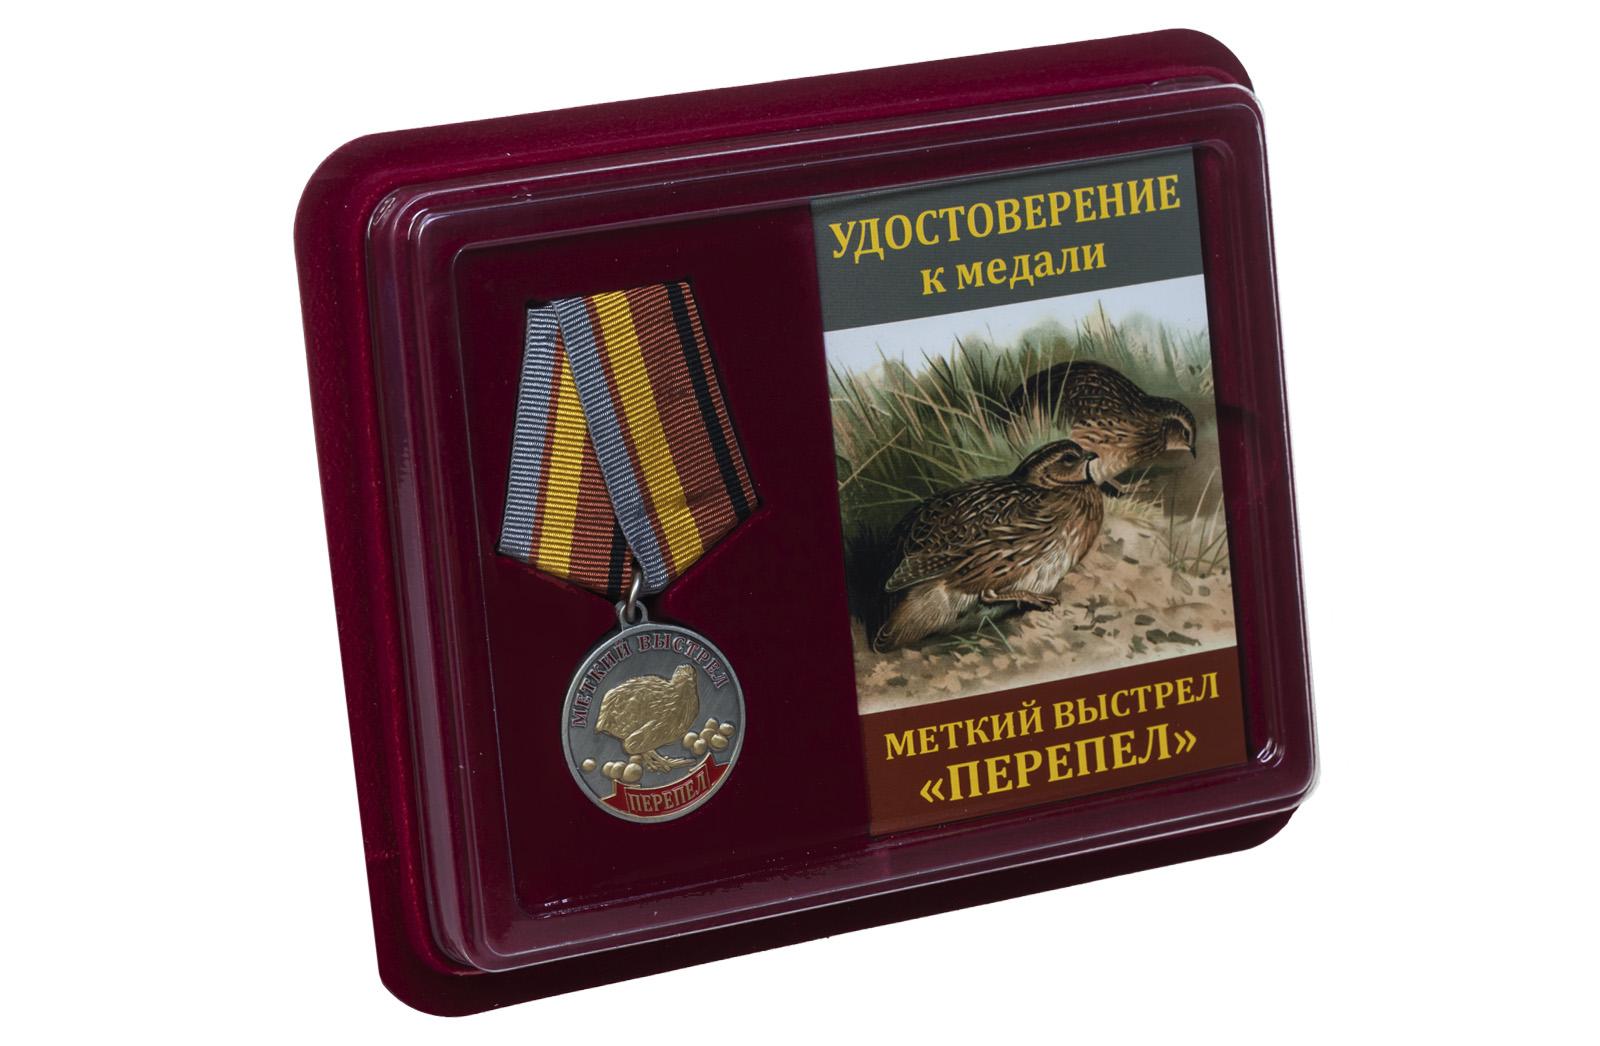 """Охотничья медаль """"Меткий выстрел Перепел""""  купить в подарок"""